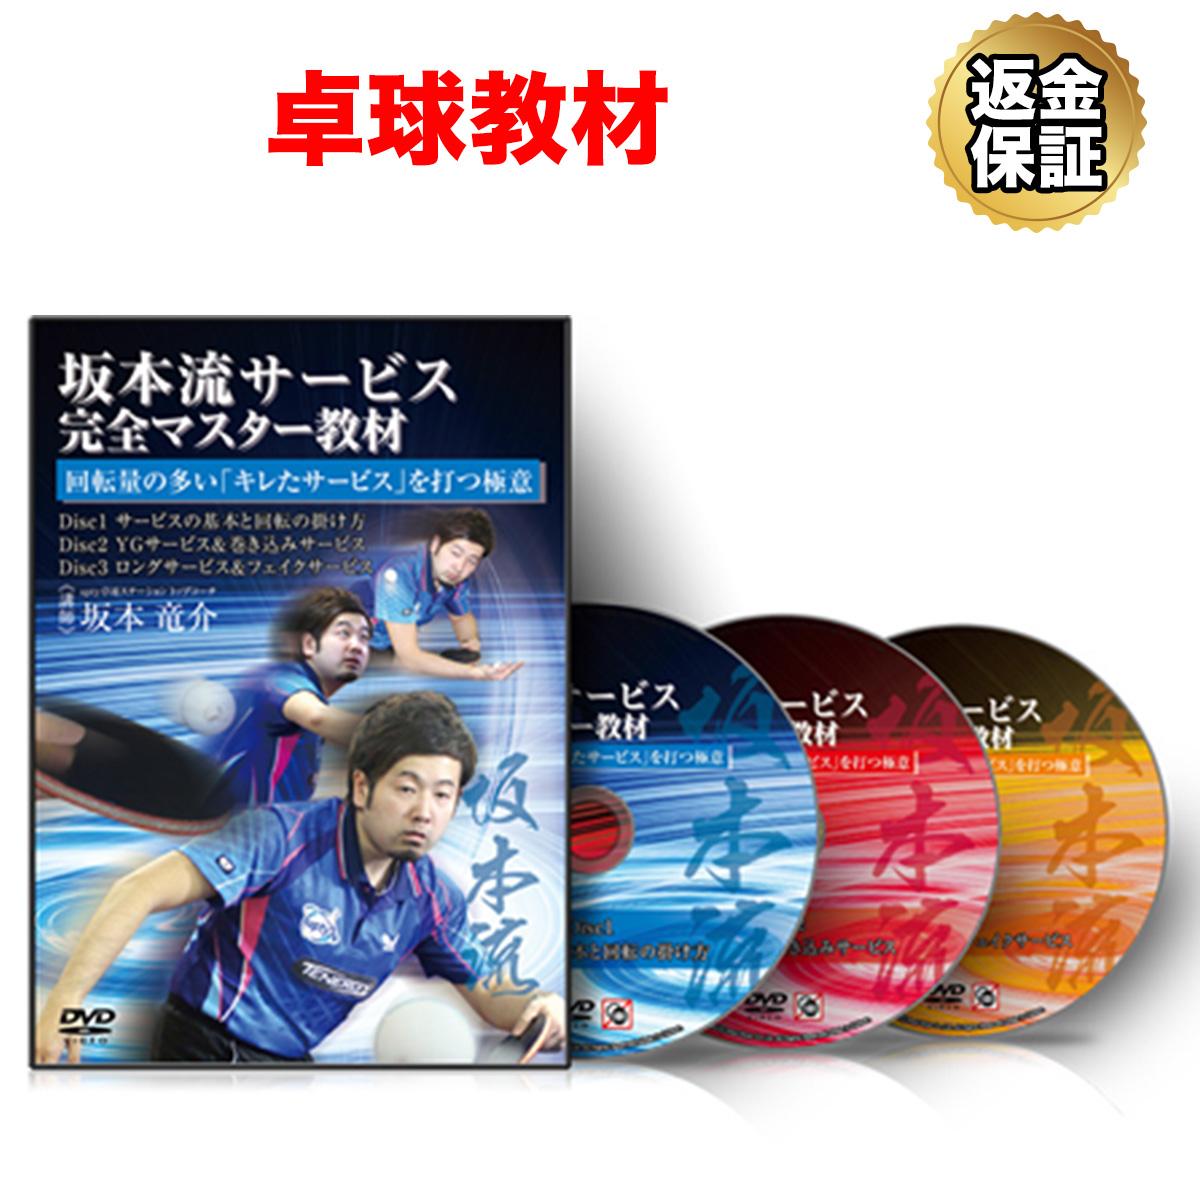 卓球 教材 DVD 坂本流サービス完全マスター教材~回転量の多い「キレたサービス」を打つ極意~